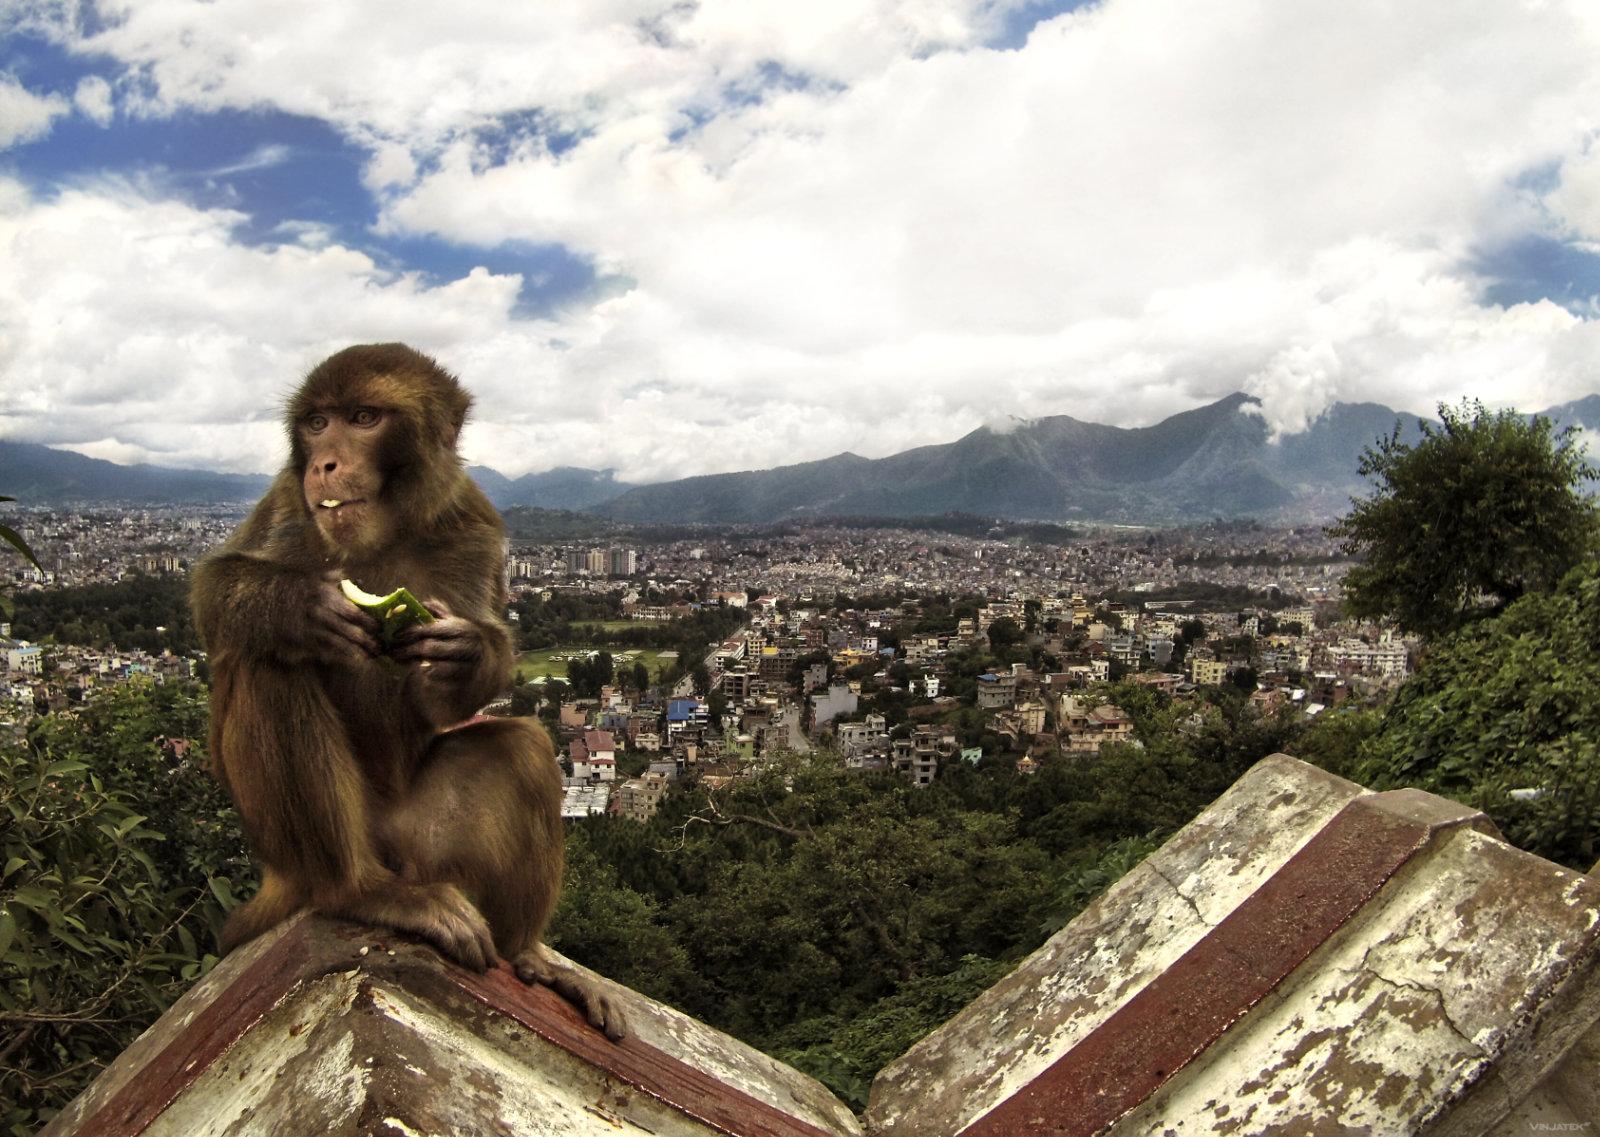 Swayambhunath Temple in Kathmandu, Nepal /// Vinjatek